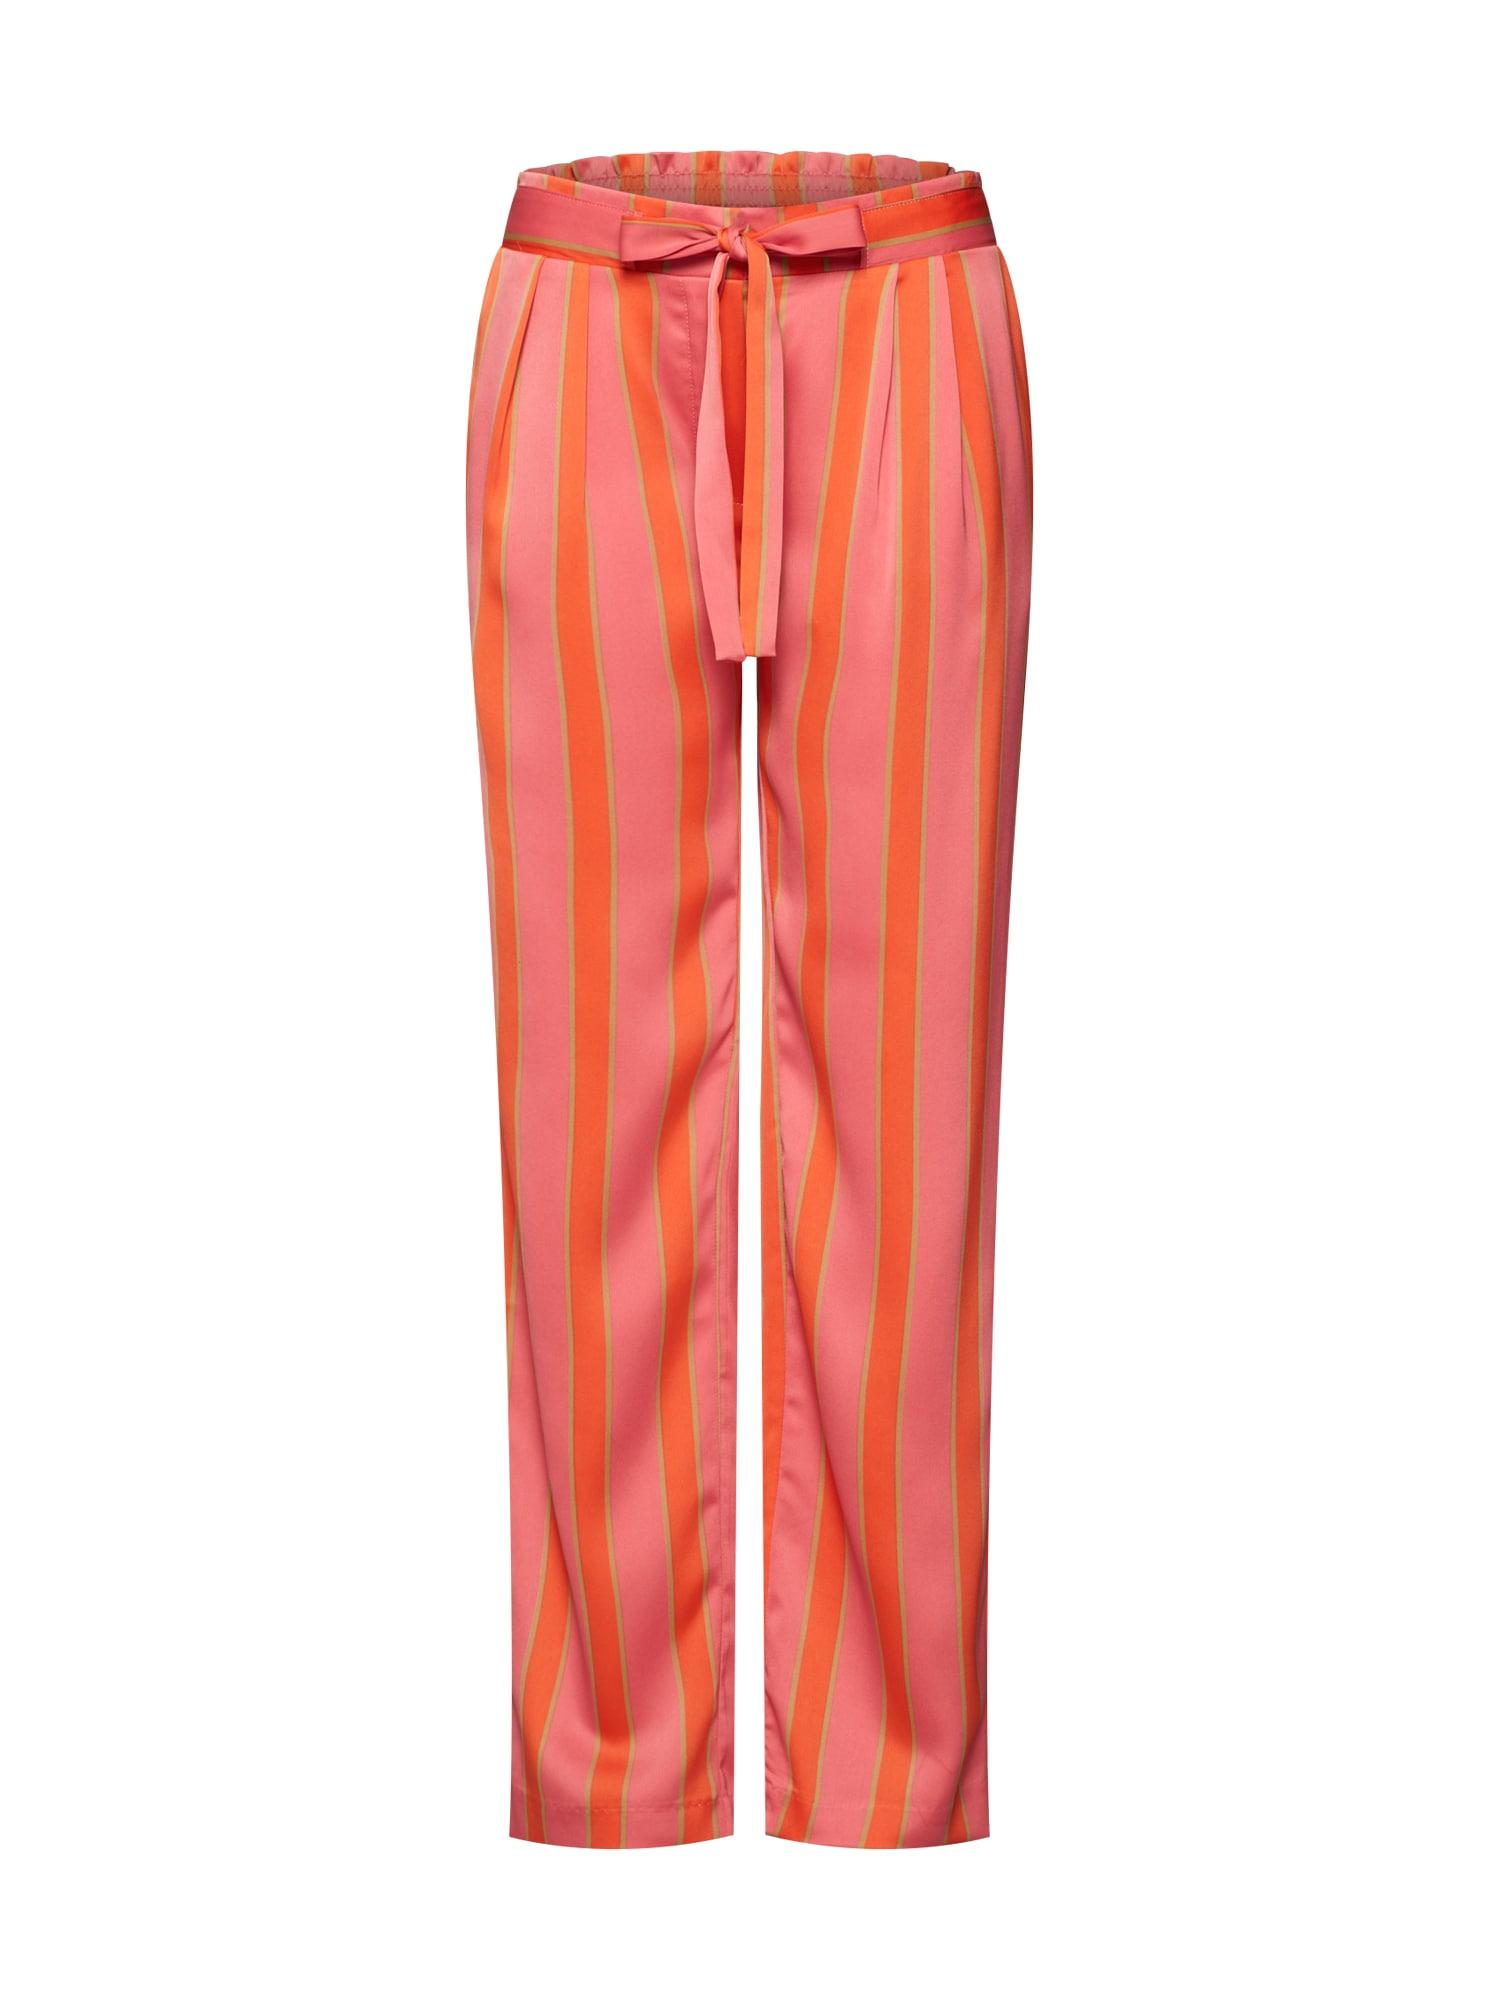 modström Klostuotos kelnės 'Nadine' oranžinė / rožių spalva